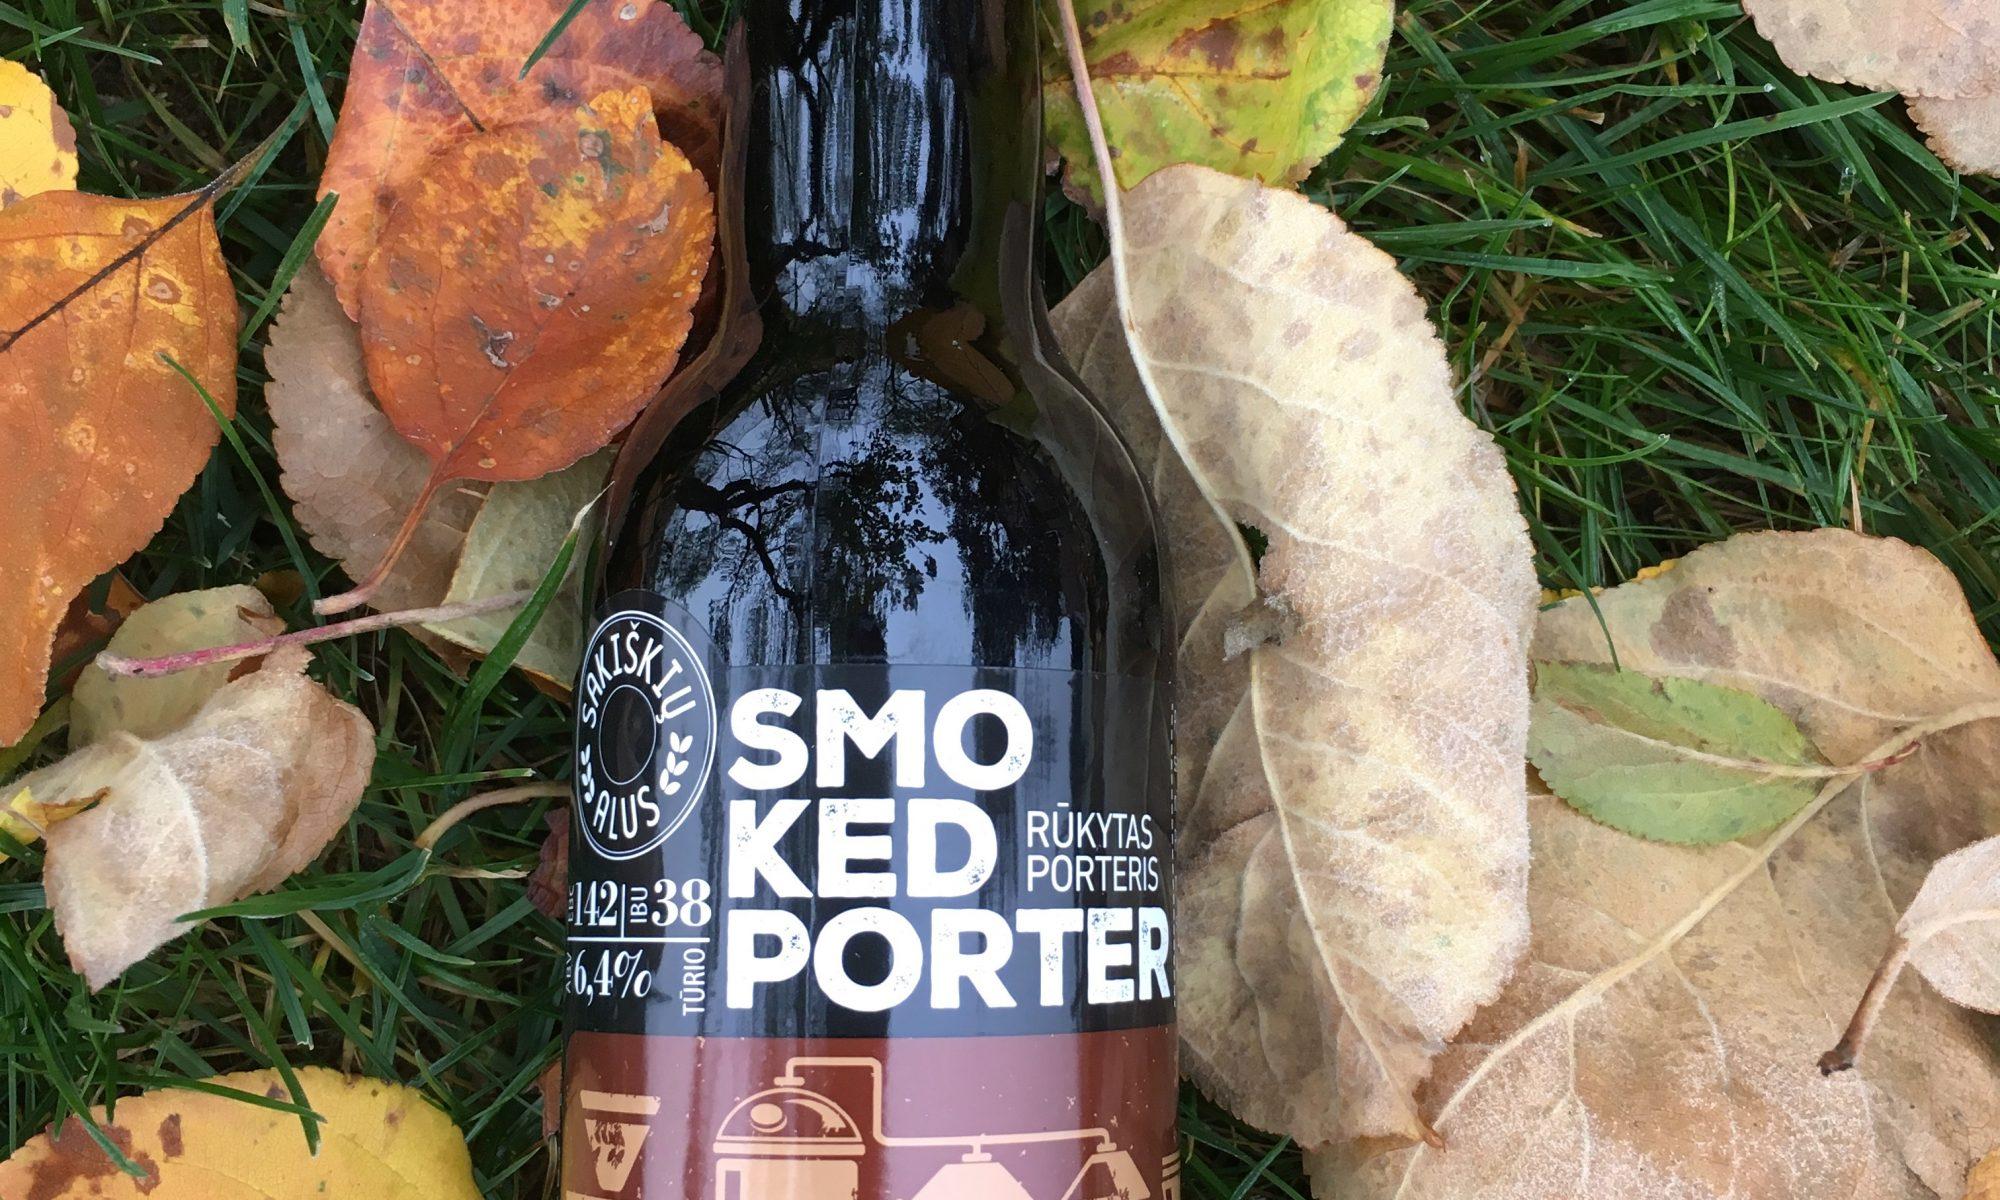 modernus-lietuviskas-alus-sakiskiu-smoked-porter-rūkytas-porteris